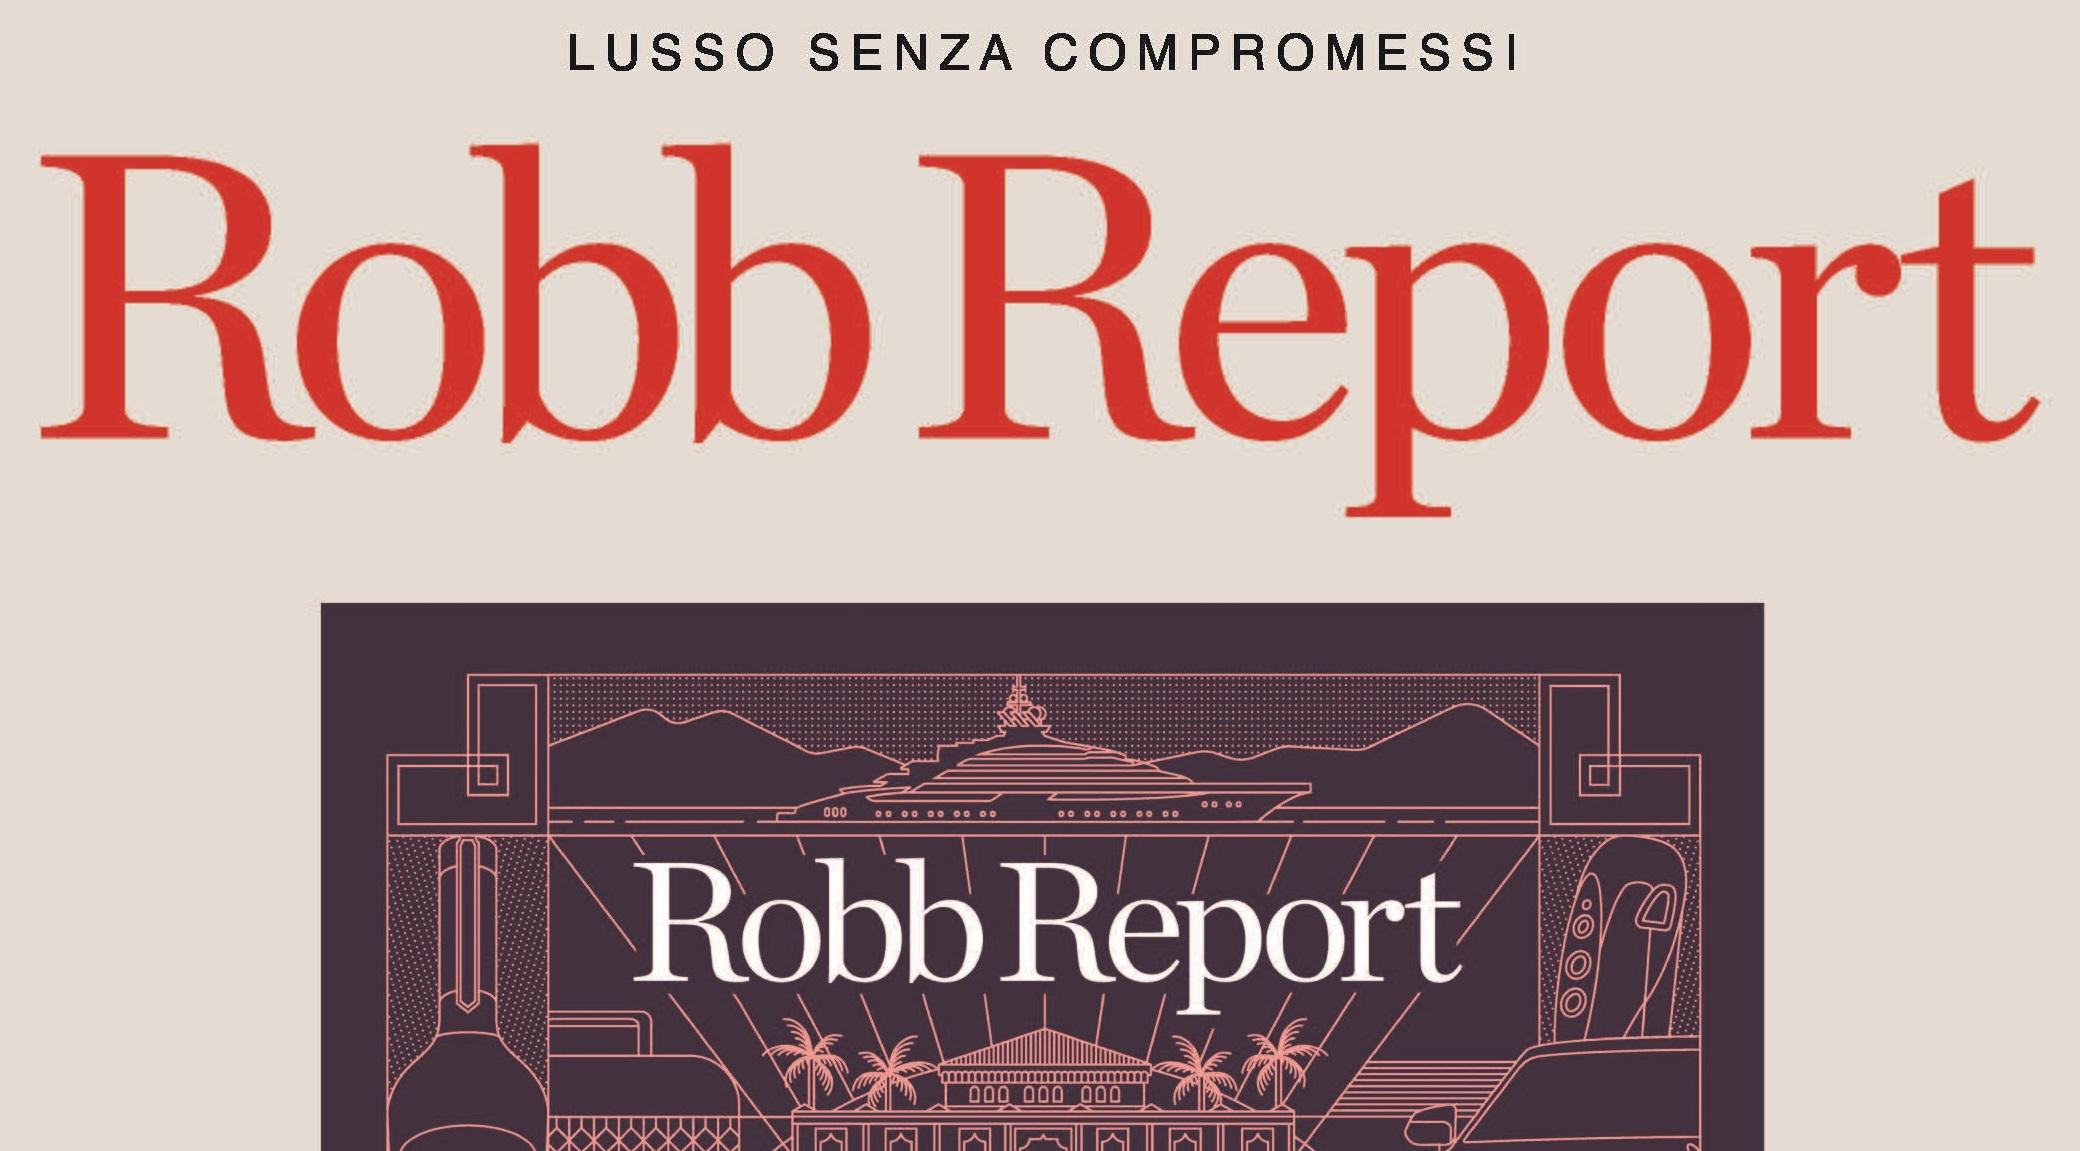 bfc-media-presenta-l'edizione-italiana-di-robb-report,-leader-mondiale-del-lusso-e-del-lifestyle